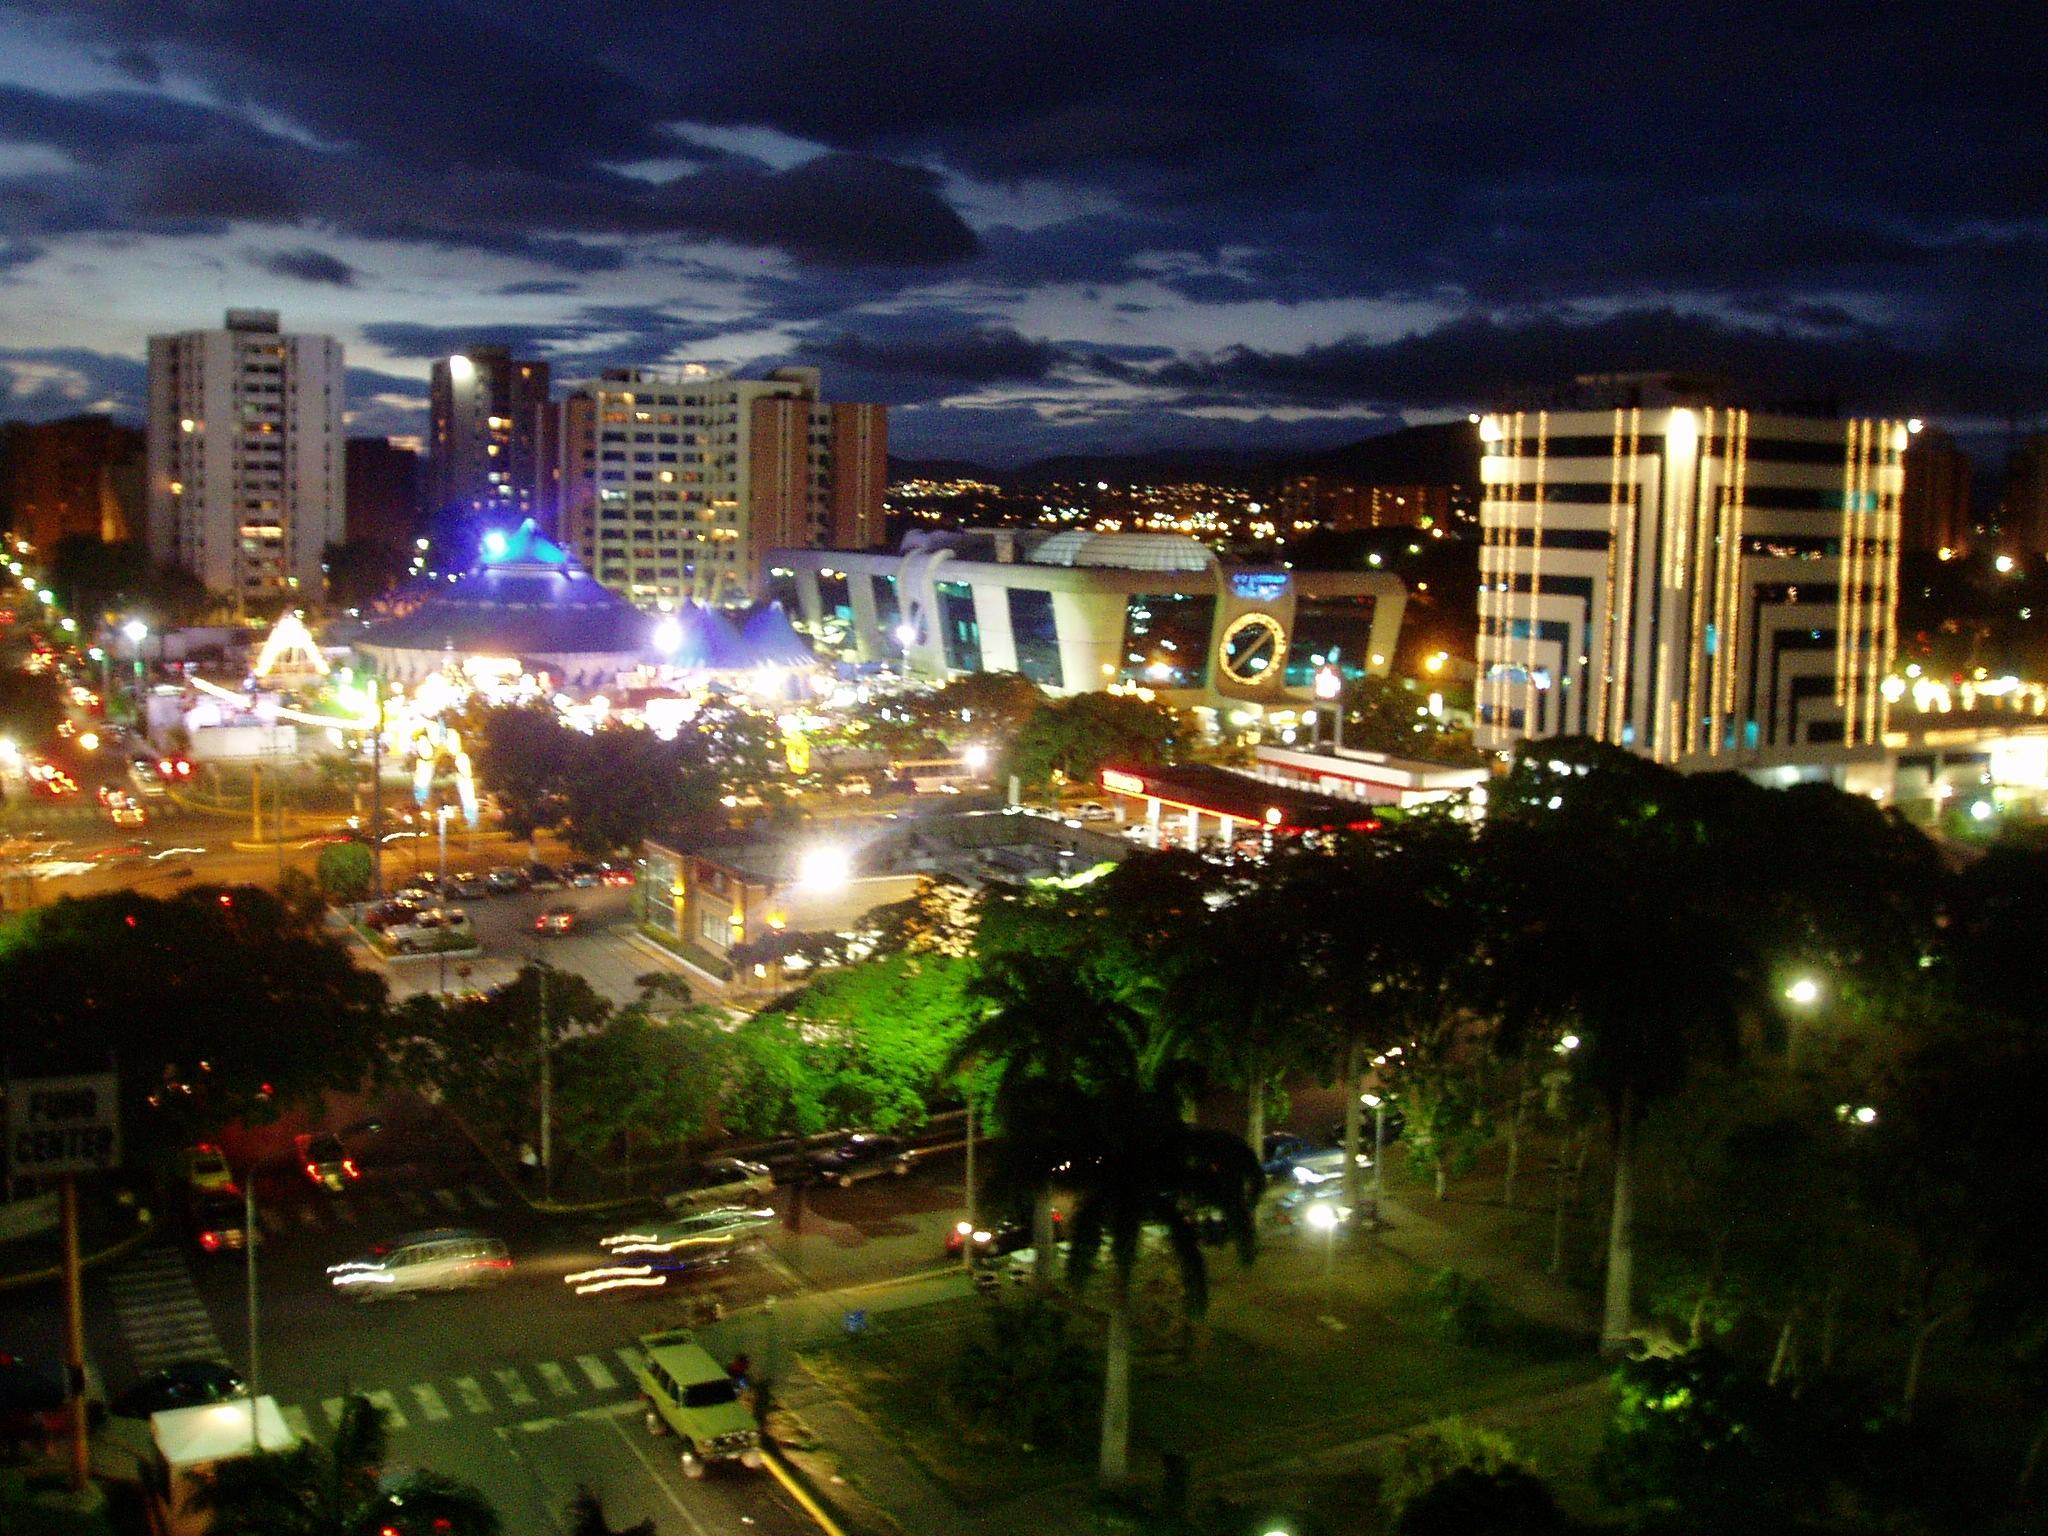 Баркисимето, Венесуэла (Barquisimeto, Venezuela)